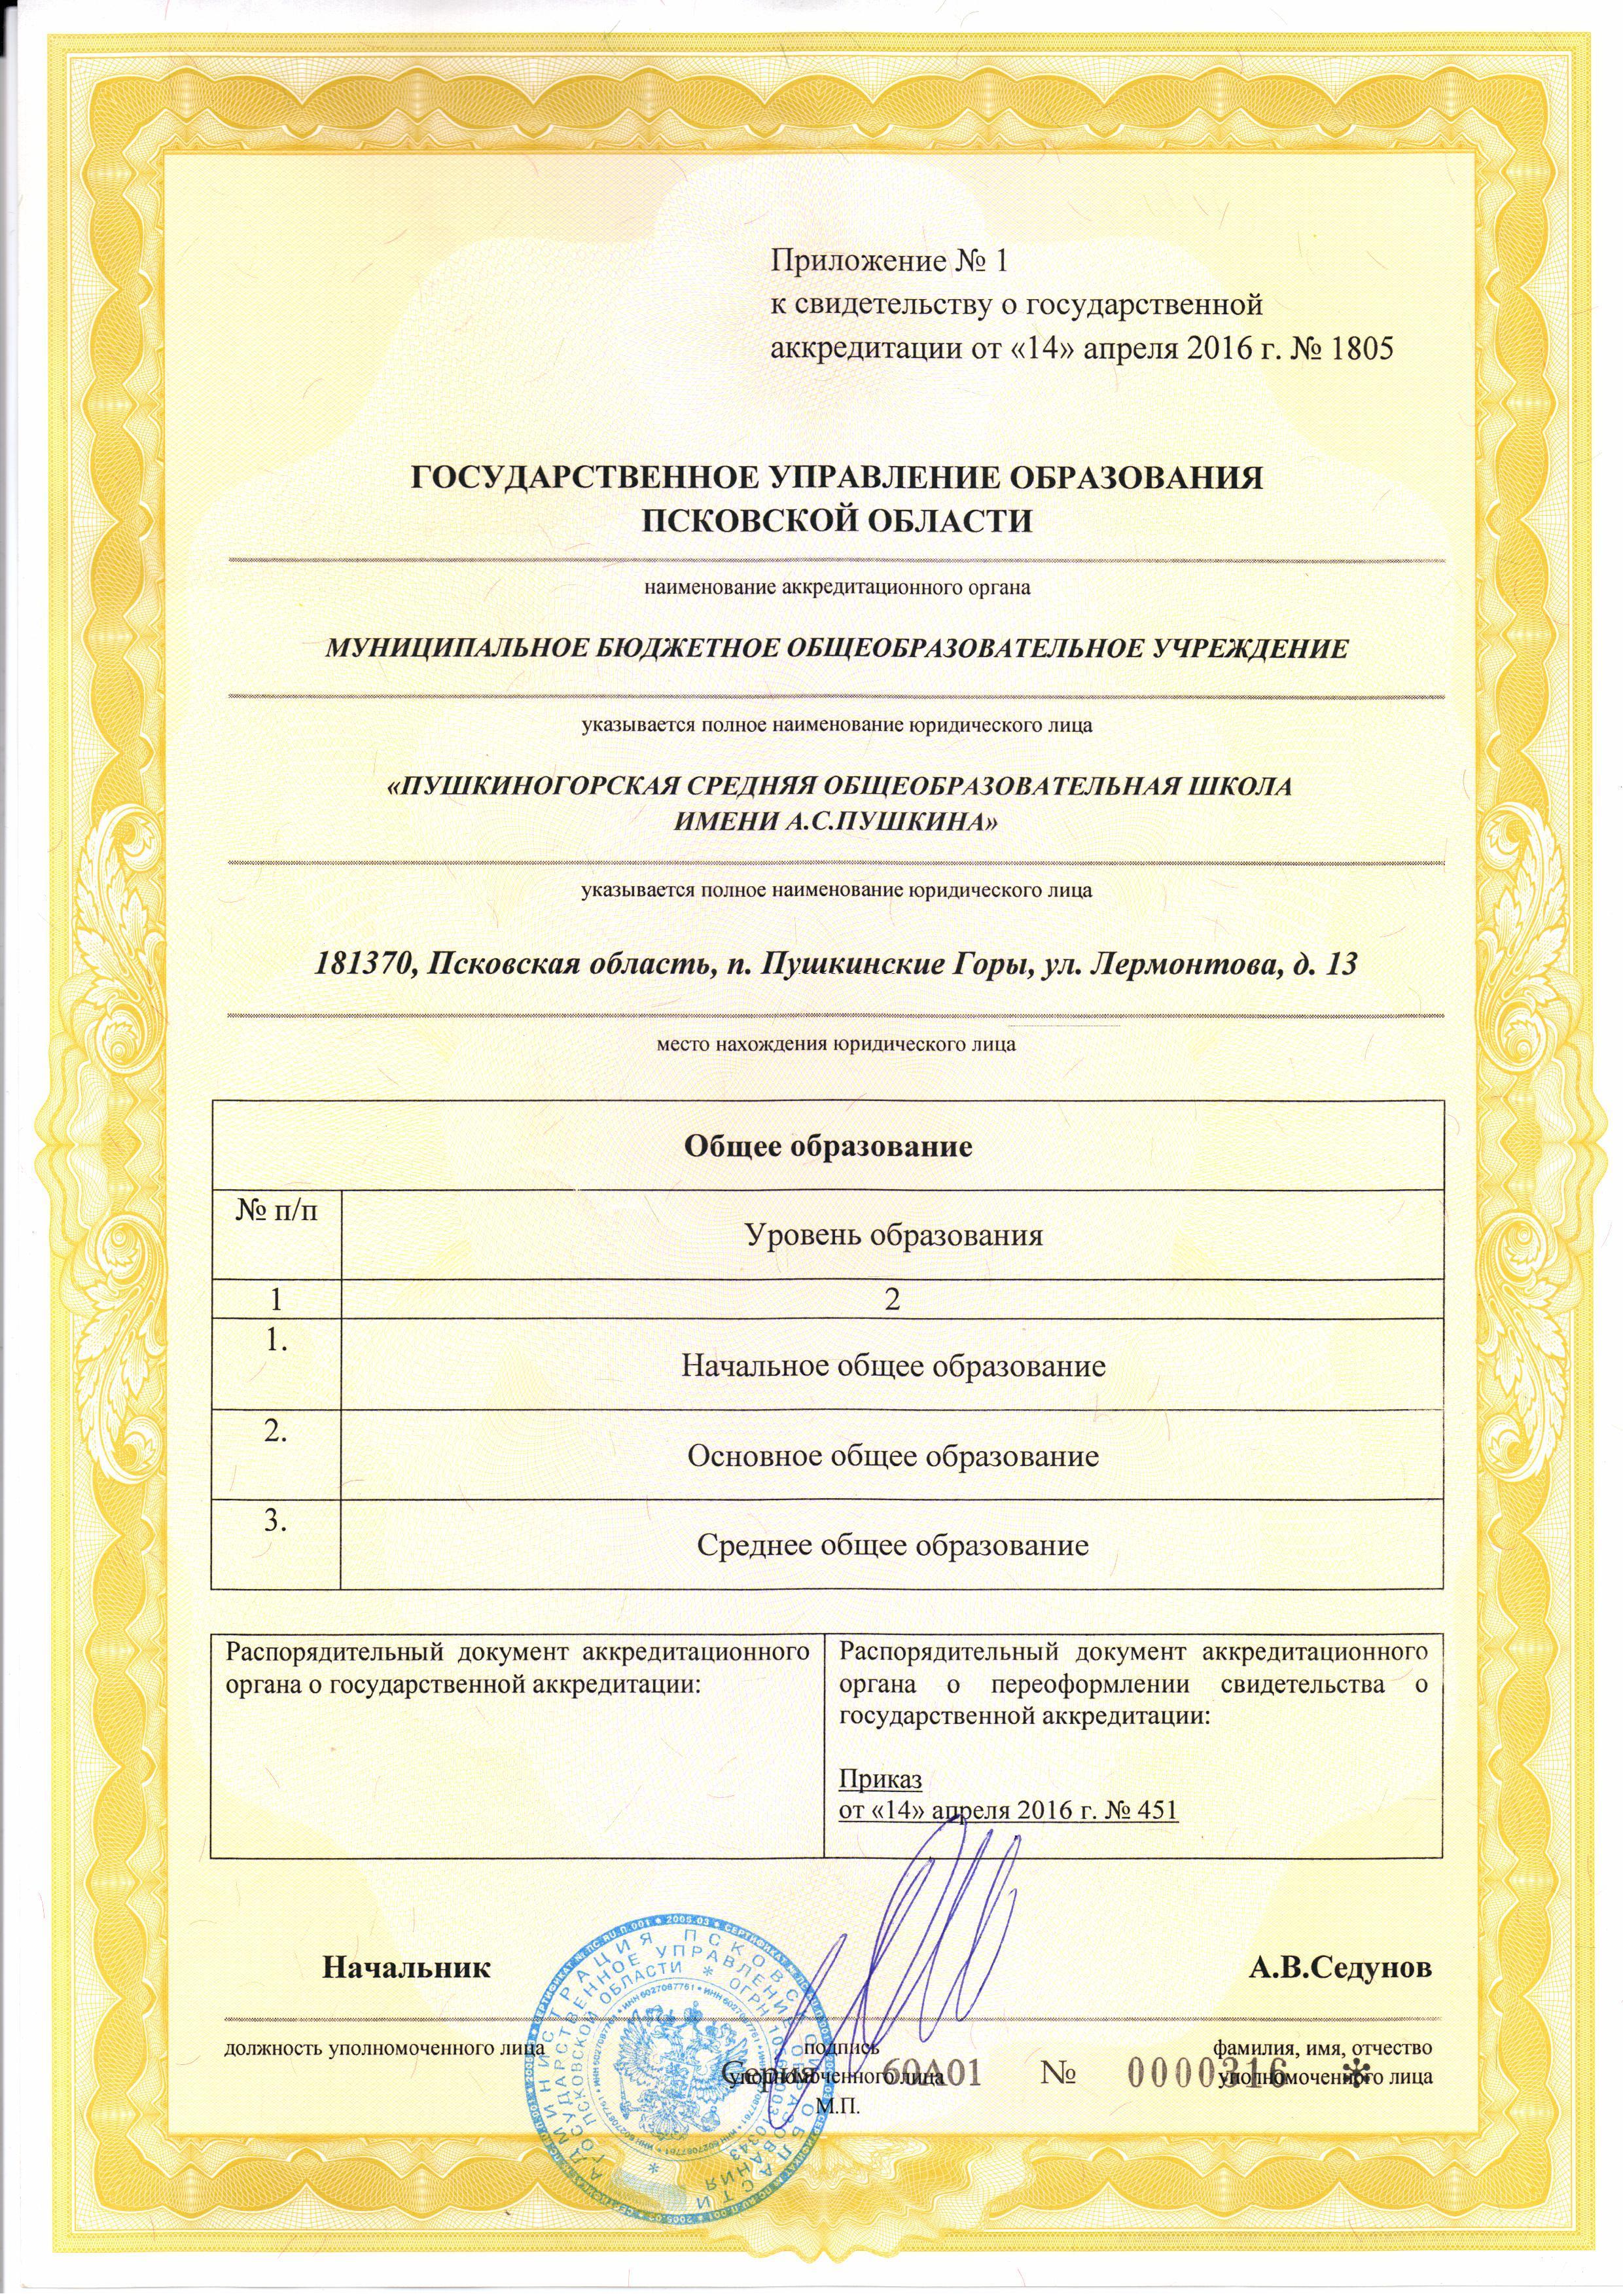 Приложения к Свидетельству об аккредитации